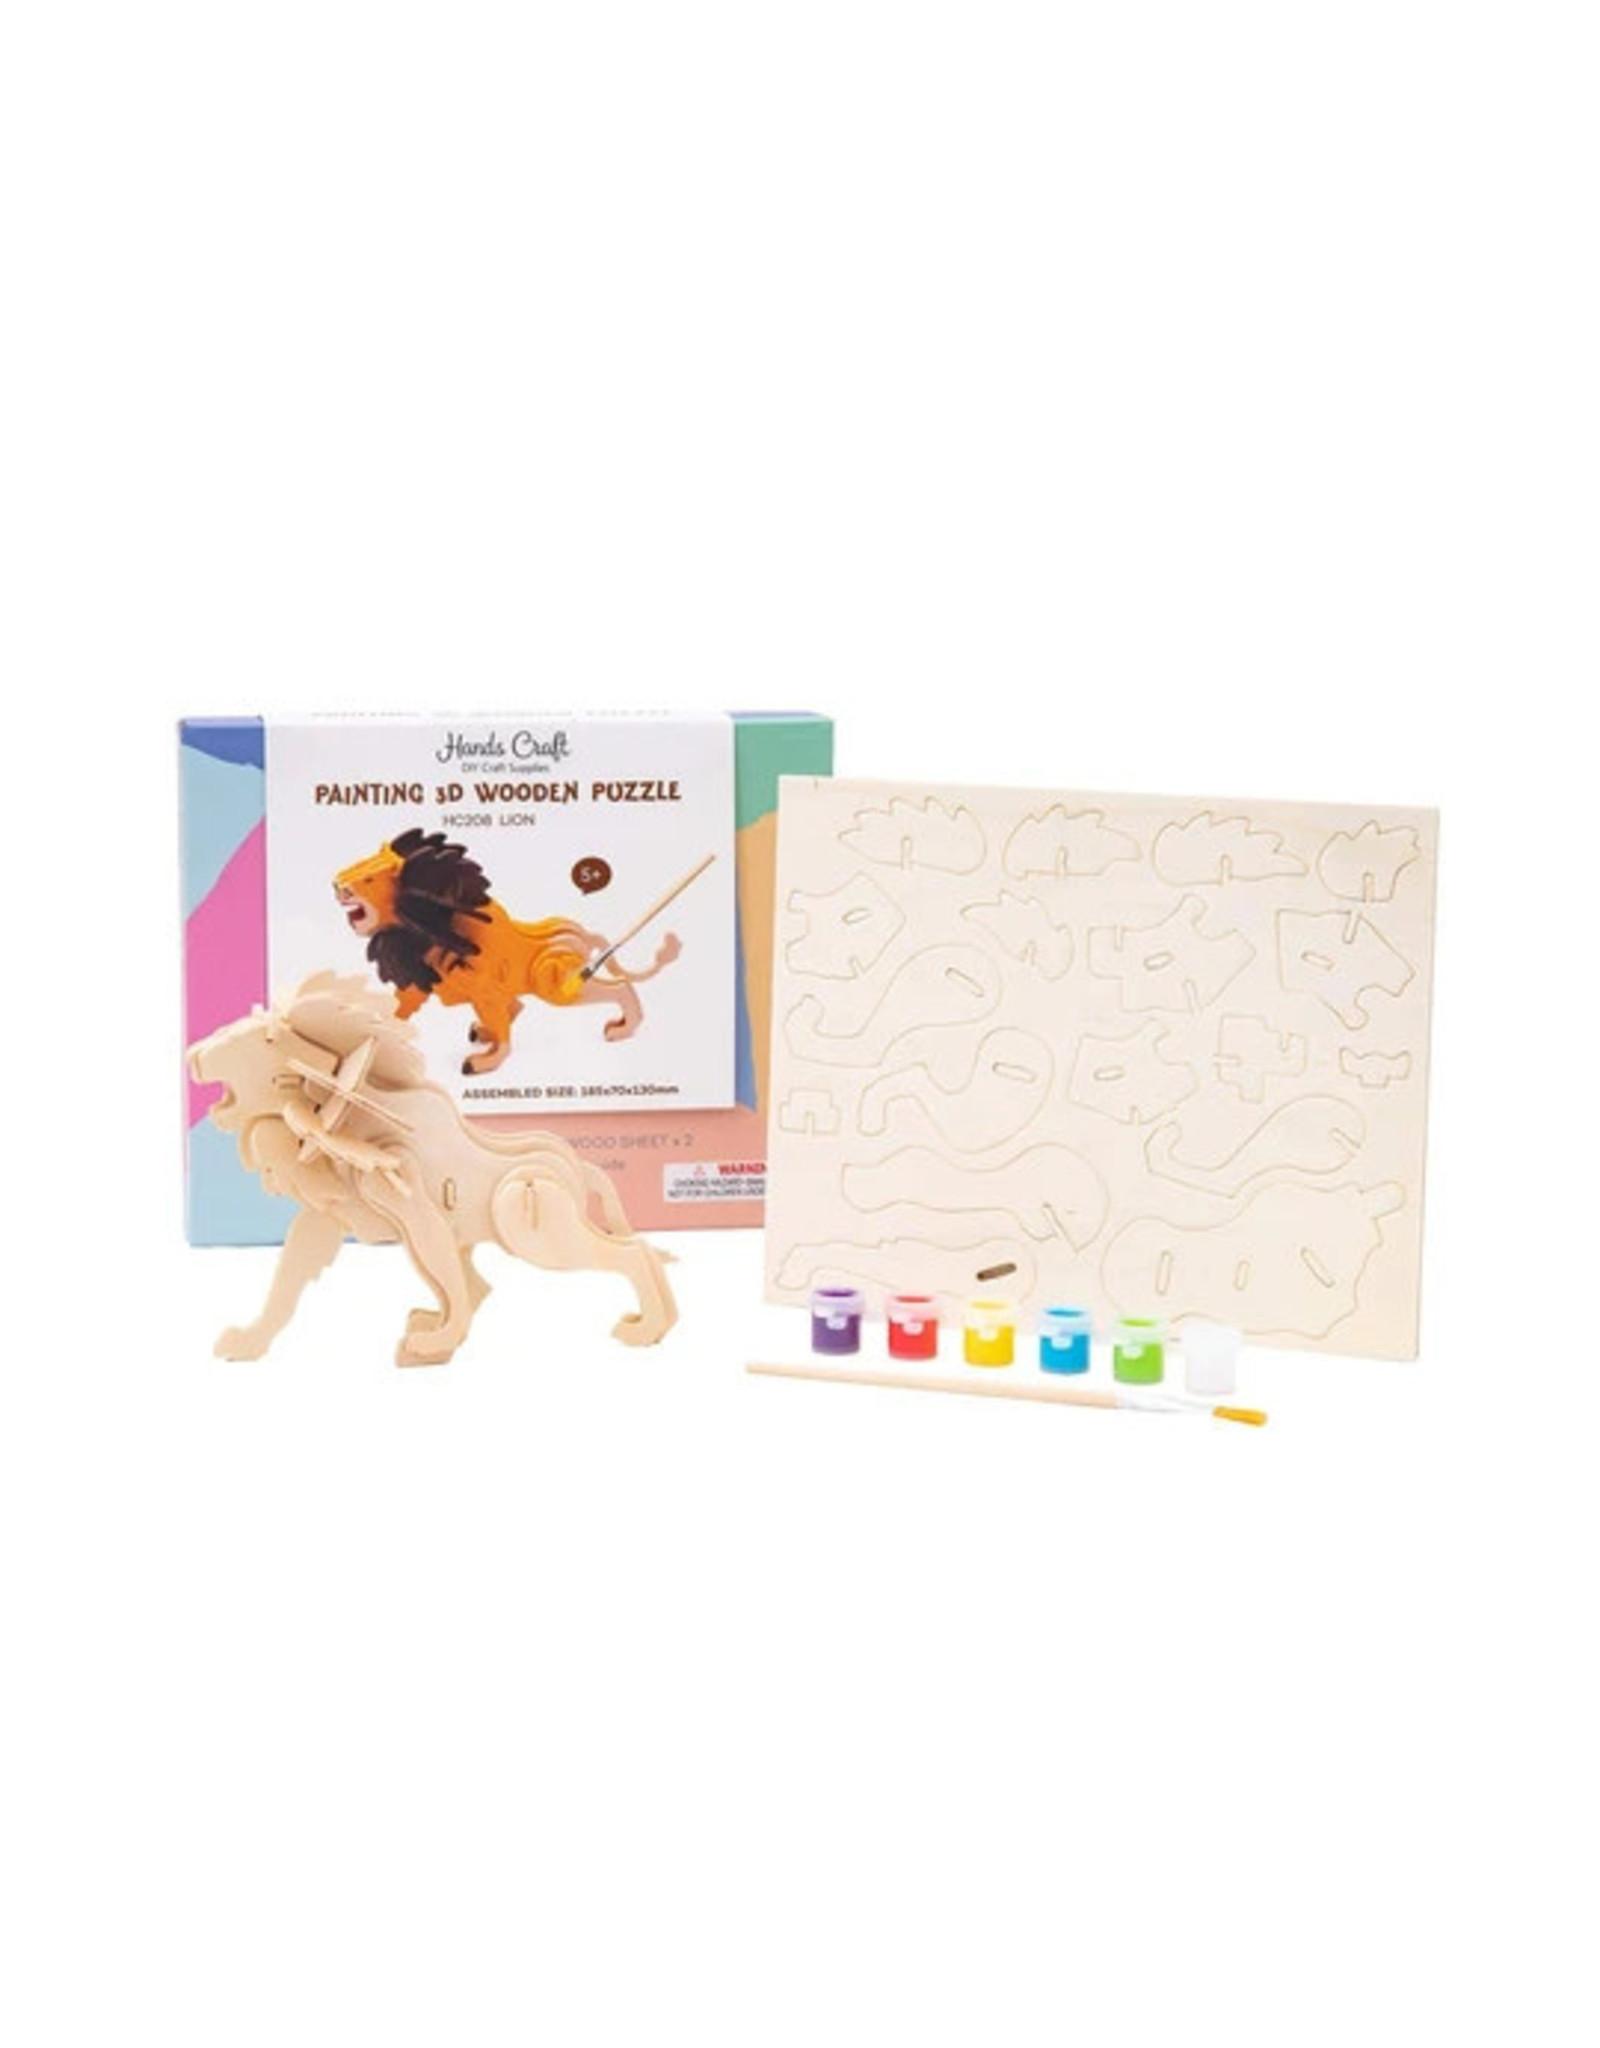 Hands Craft 3D Wooden Puzzle Paint Kit - Lion